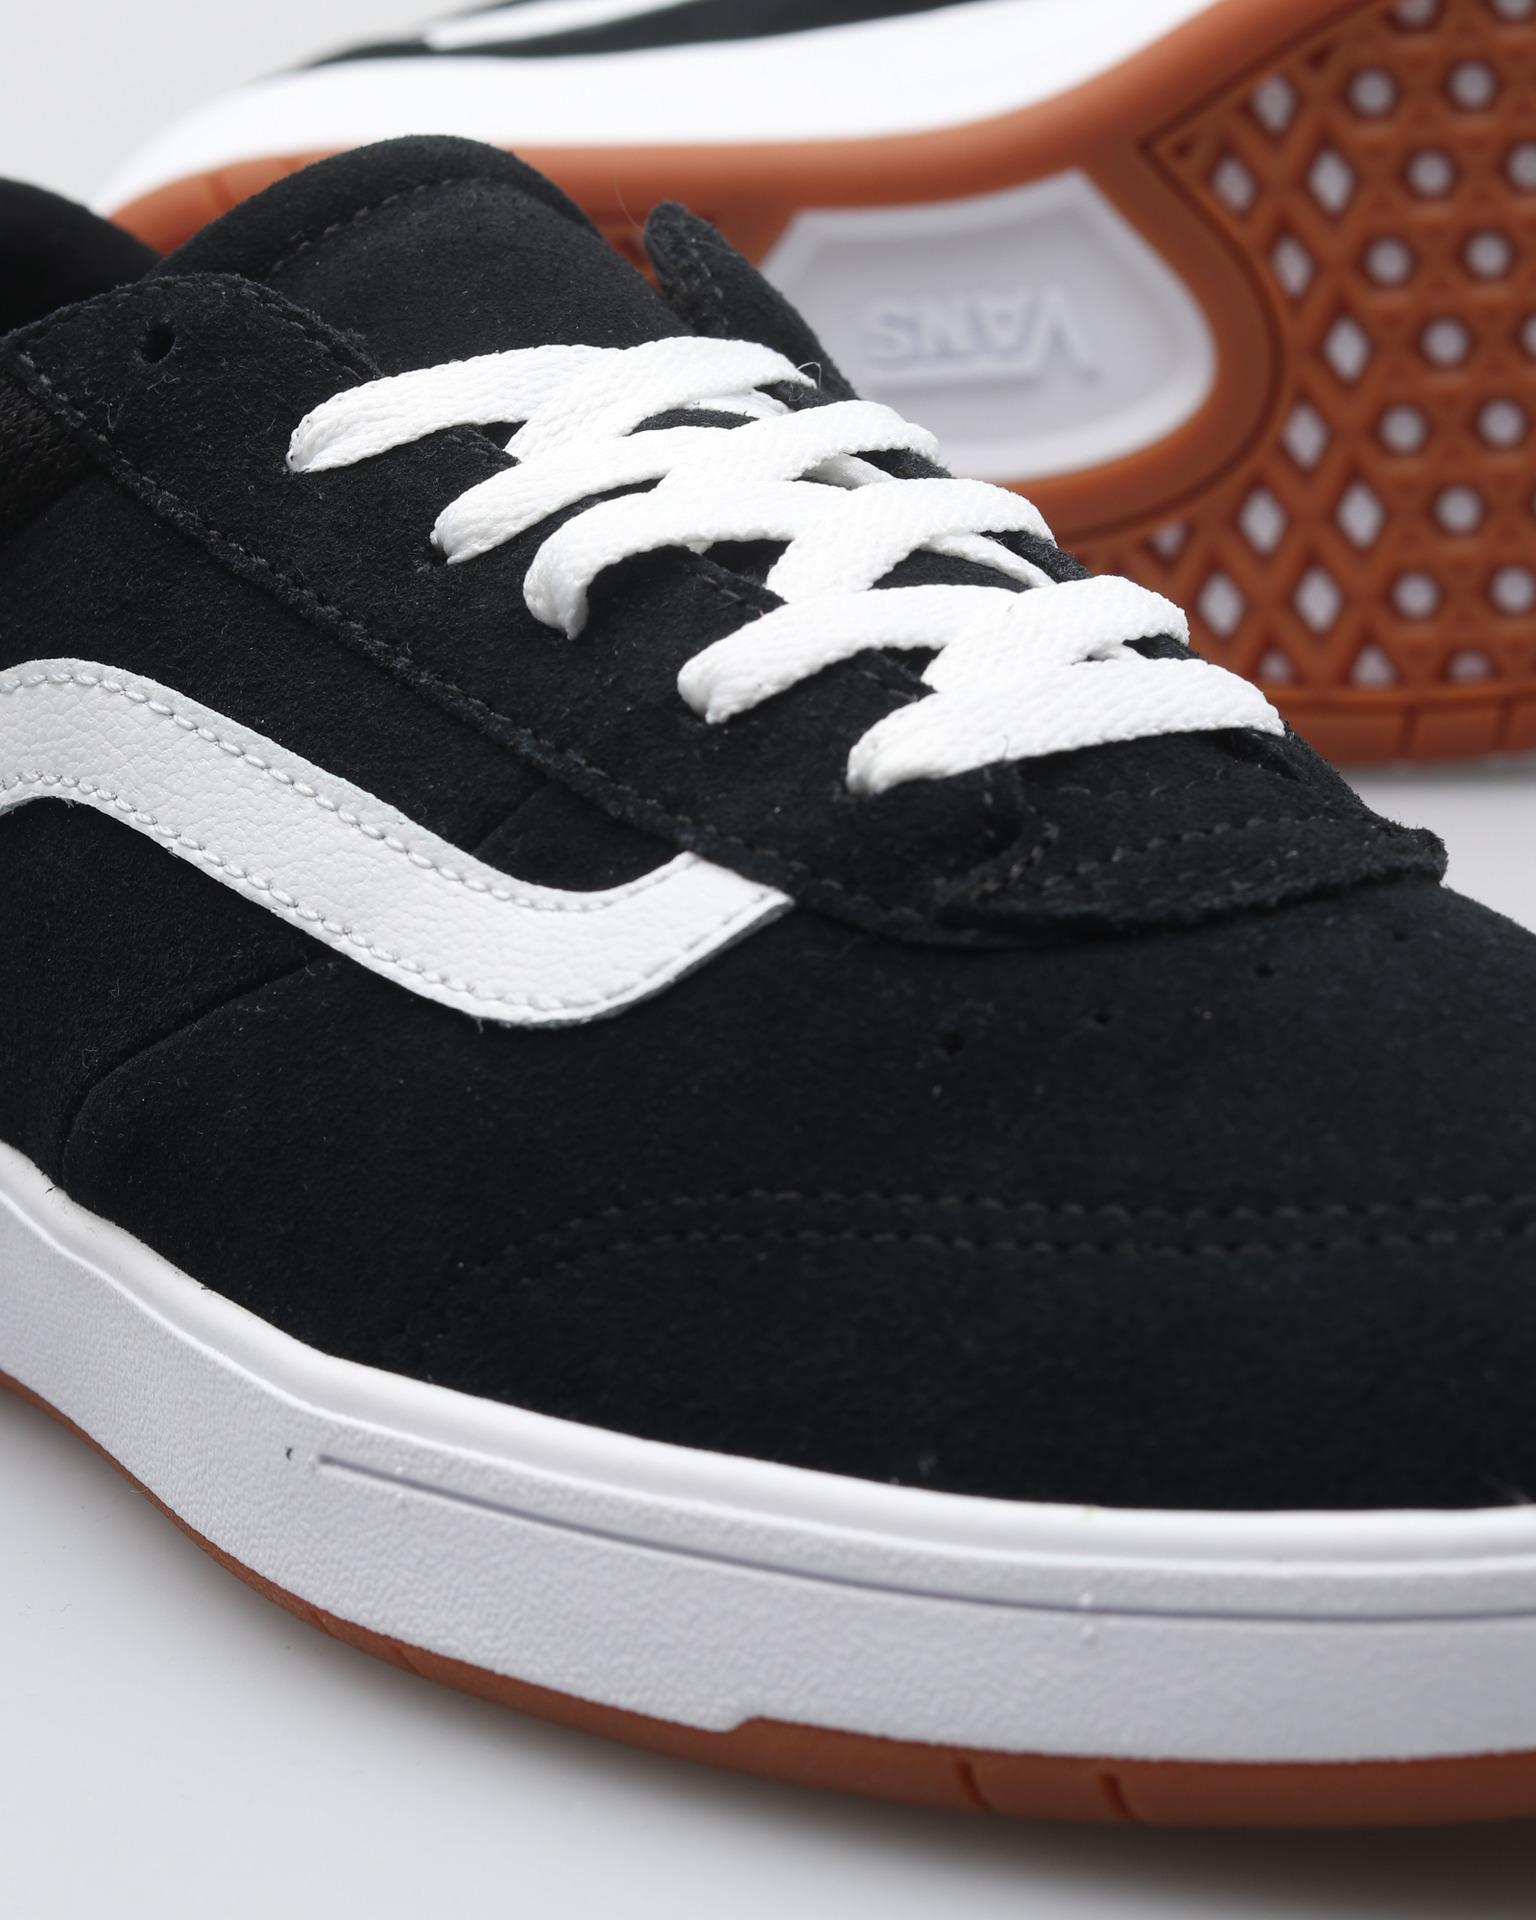 Herbst Schuhe suche nach authentisch wo kann ich kaufen Vans - Cruze CC Sneakers Bibloo.com